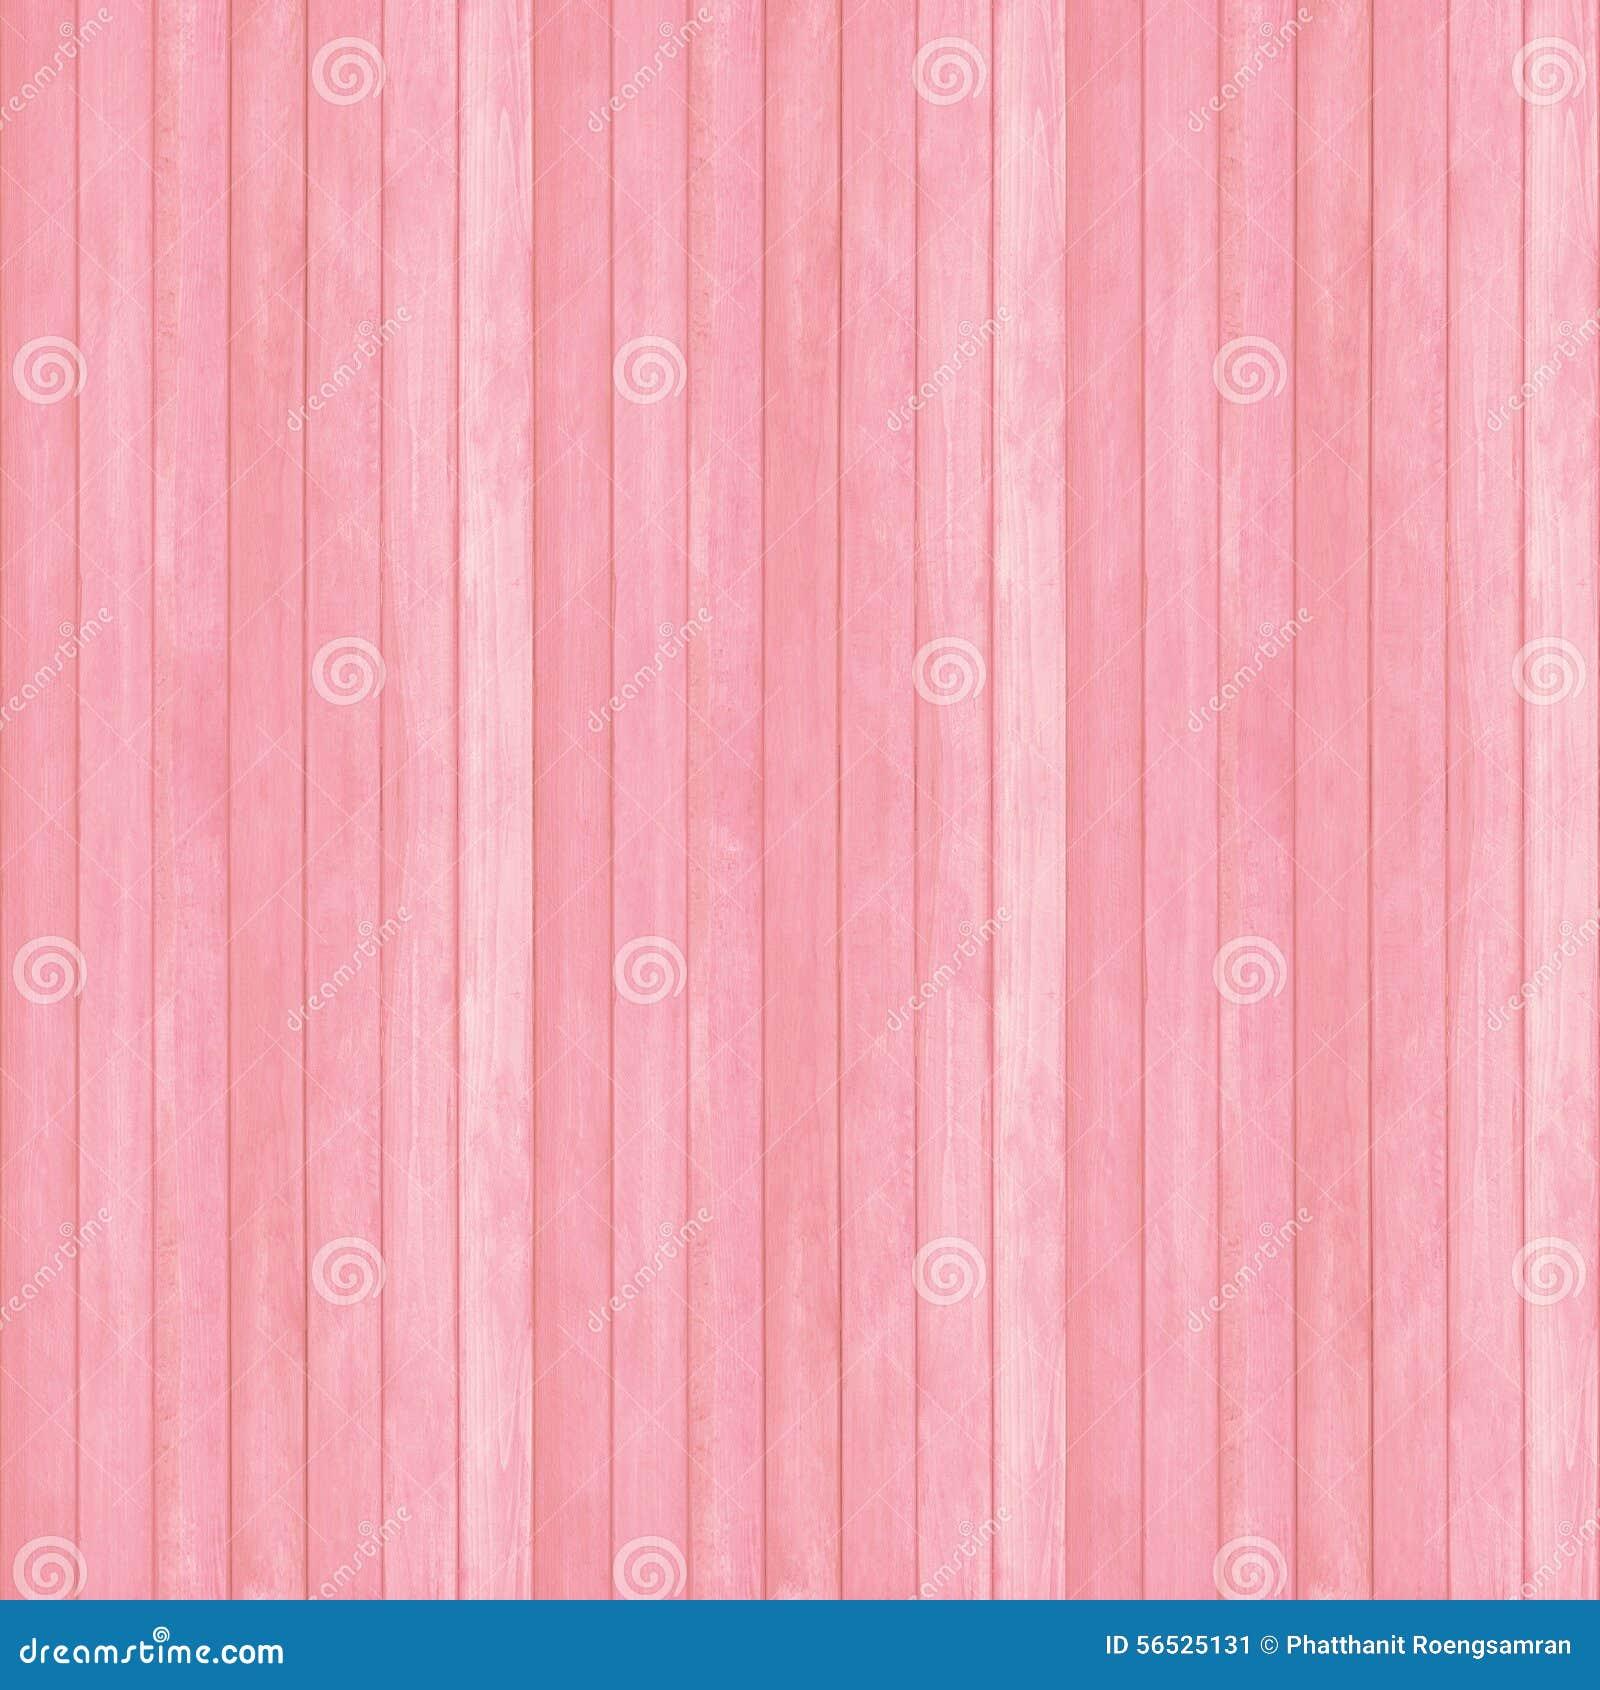 fond en bois de texture de mur couleur en pastel rose photo stock image 56525131. Black Bedroom Furniture Sets. Home Design Ideas